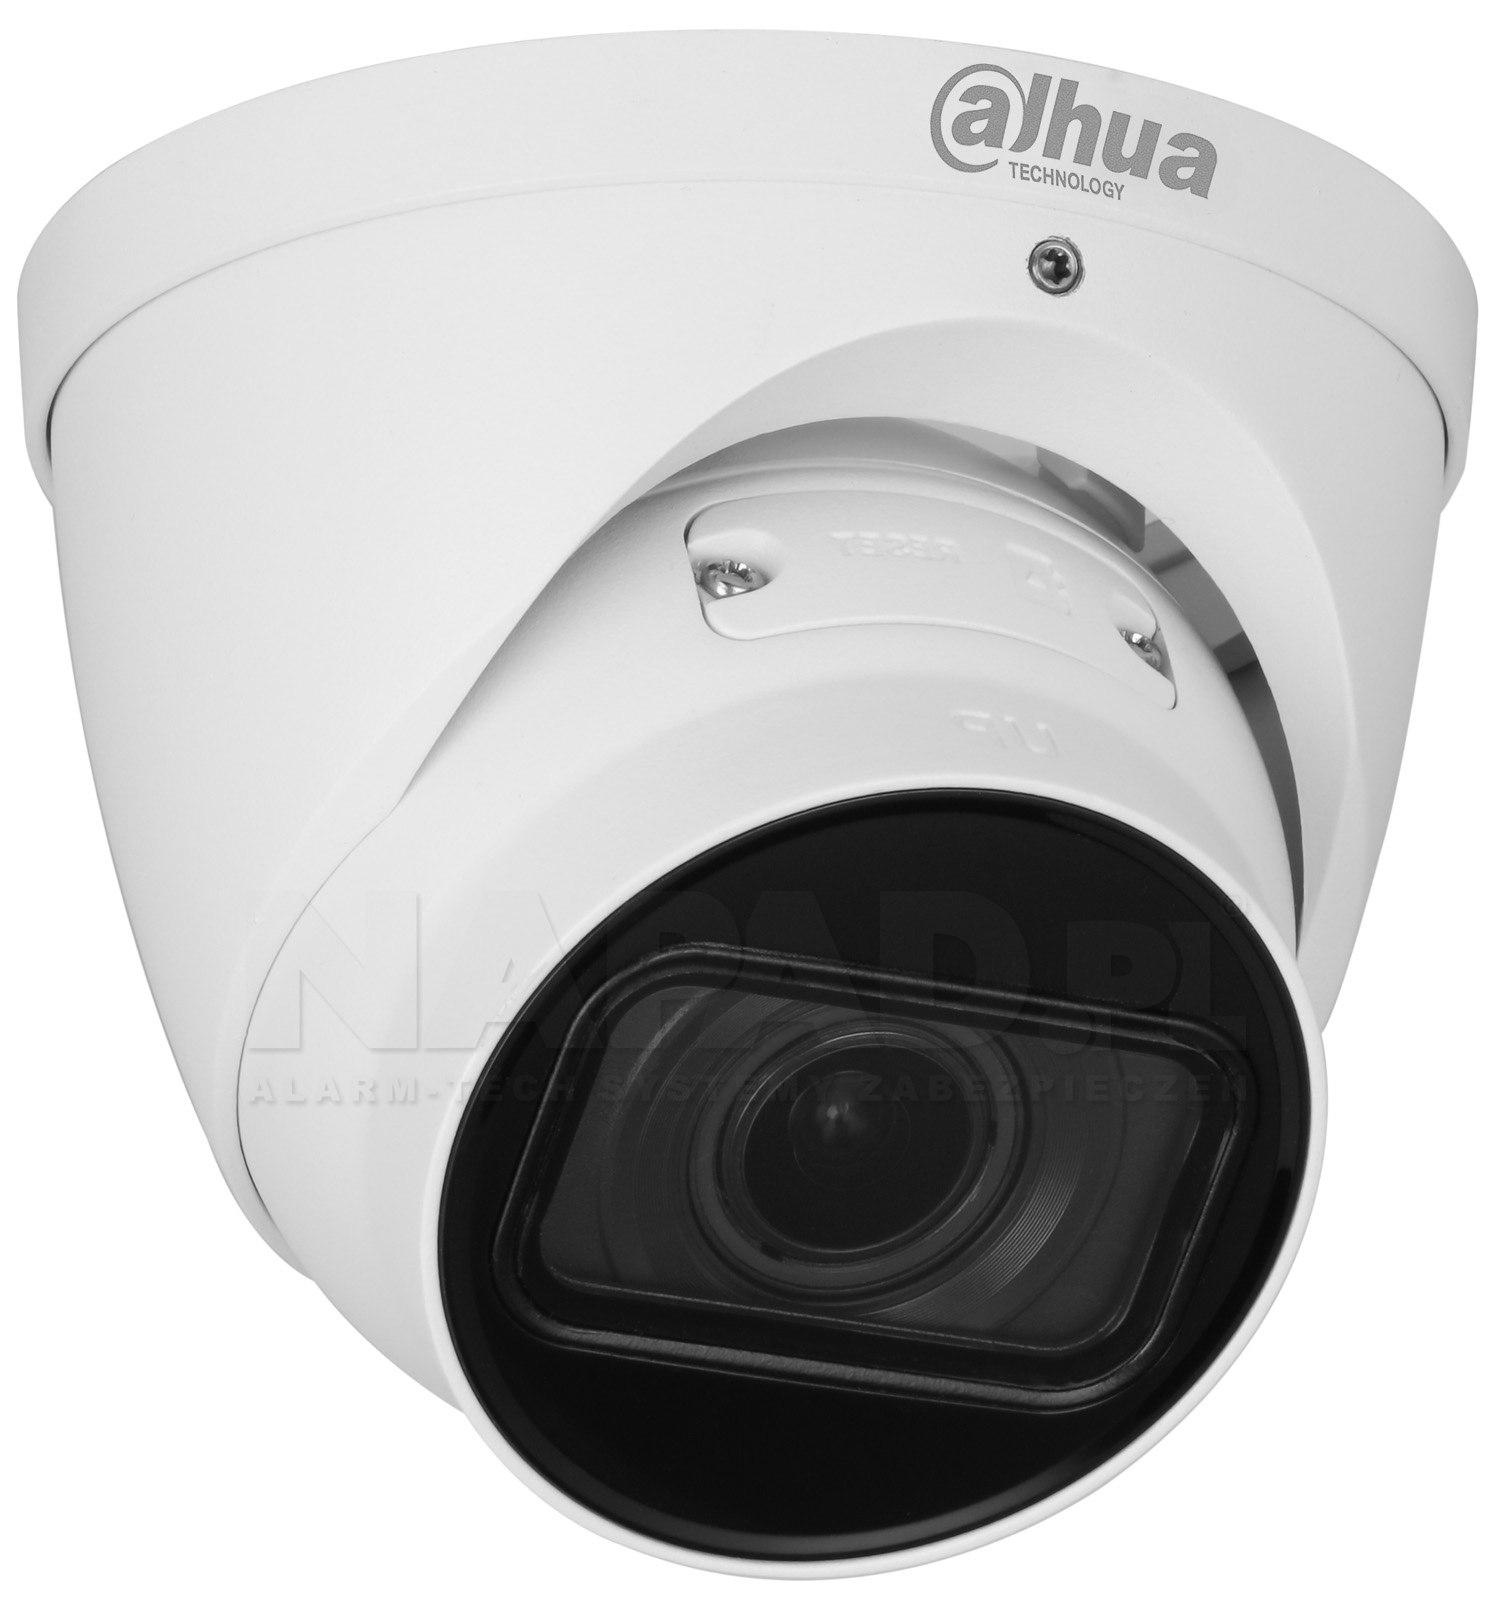 Kamera IP 5Mpx DH-IPC-HDW2531T-ZS-27135-S2